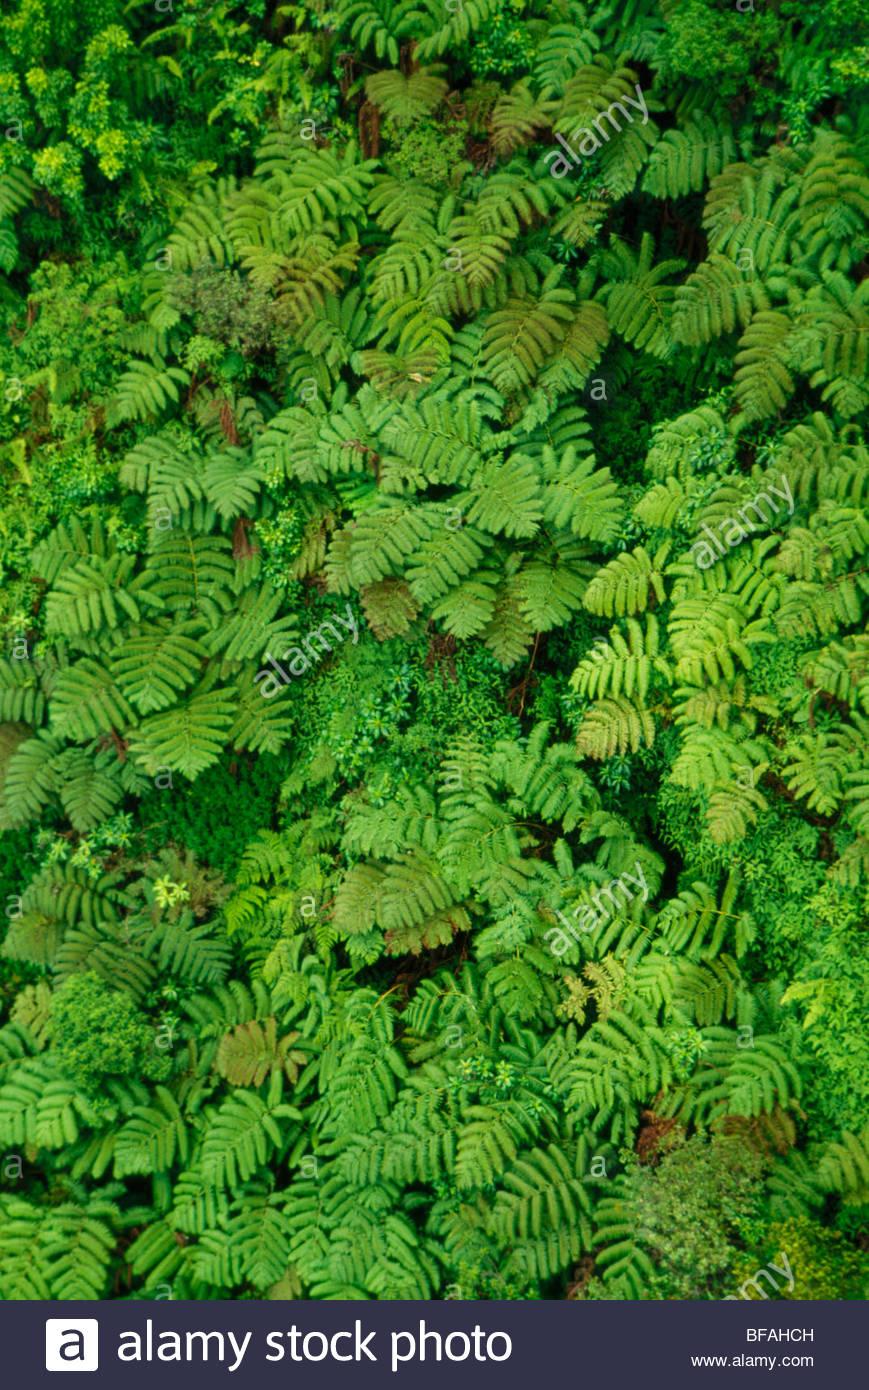 Tree ferns (aerial), Pu'u Kukui Watershed Preserve, Maui, Hawaii - Stock Image